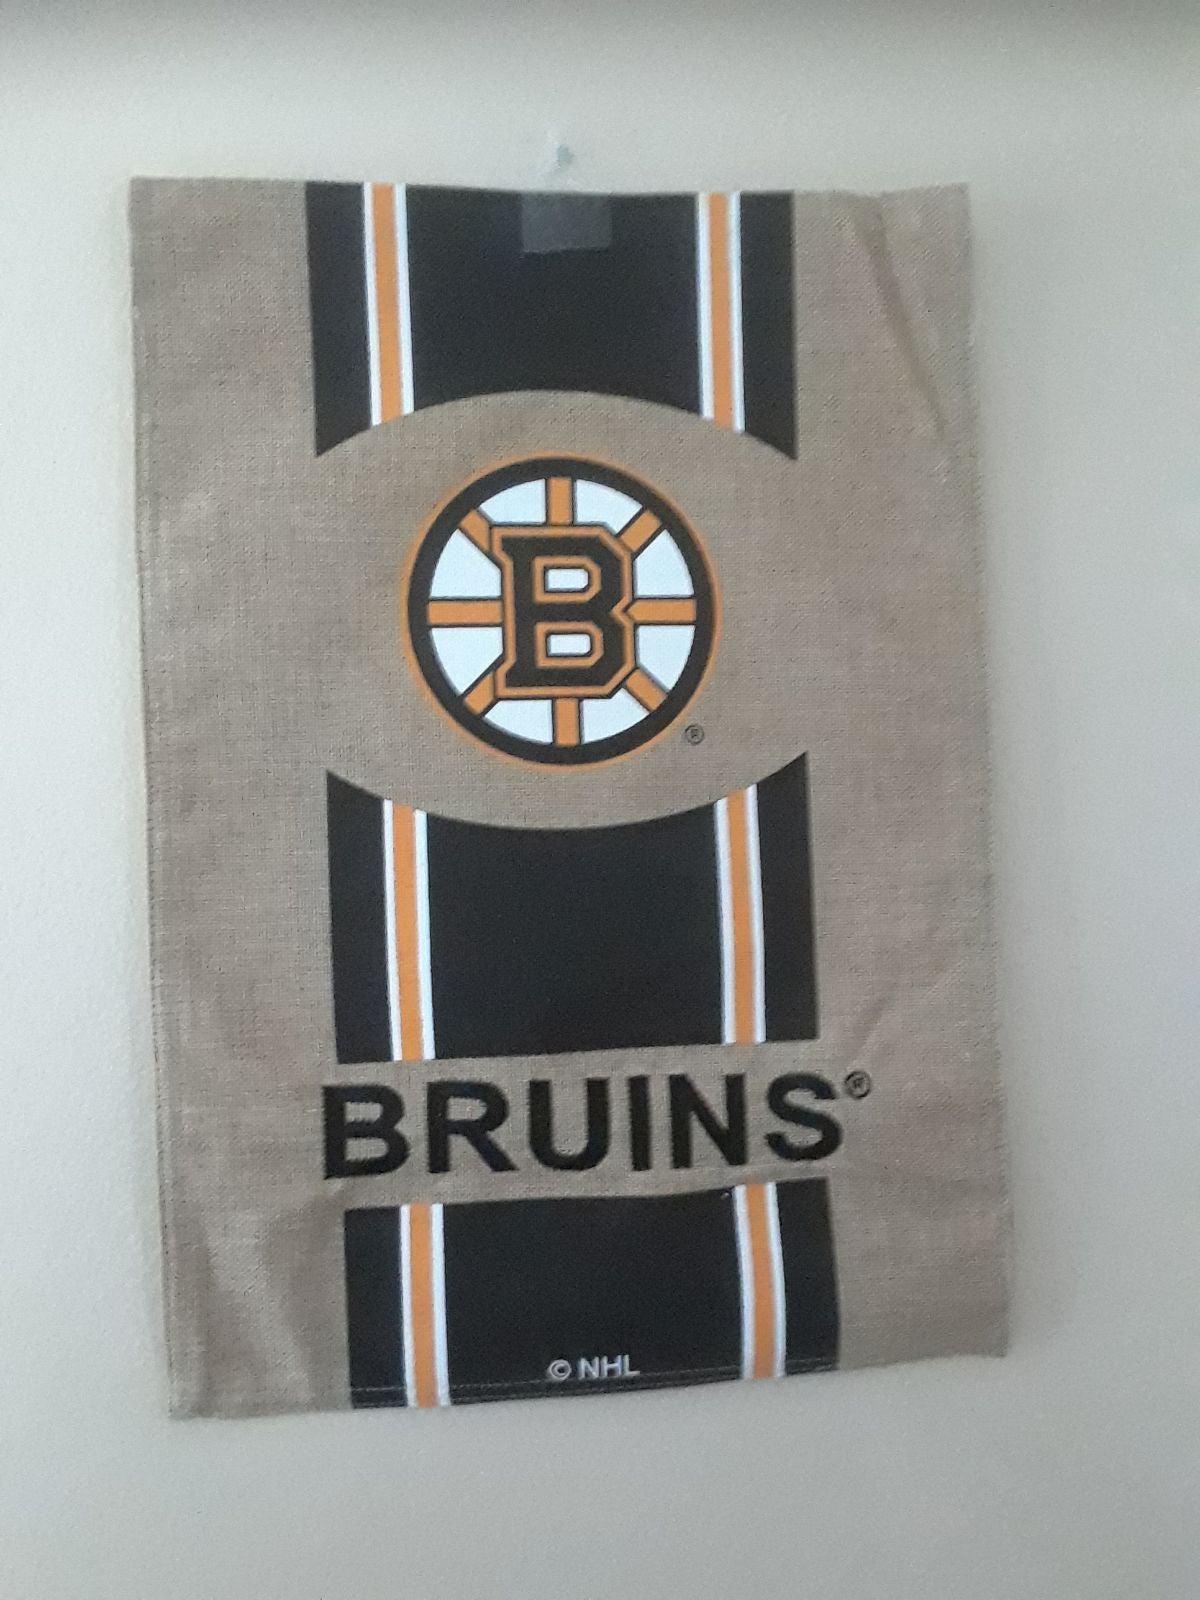 Bruins sign